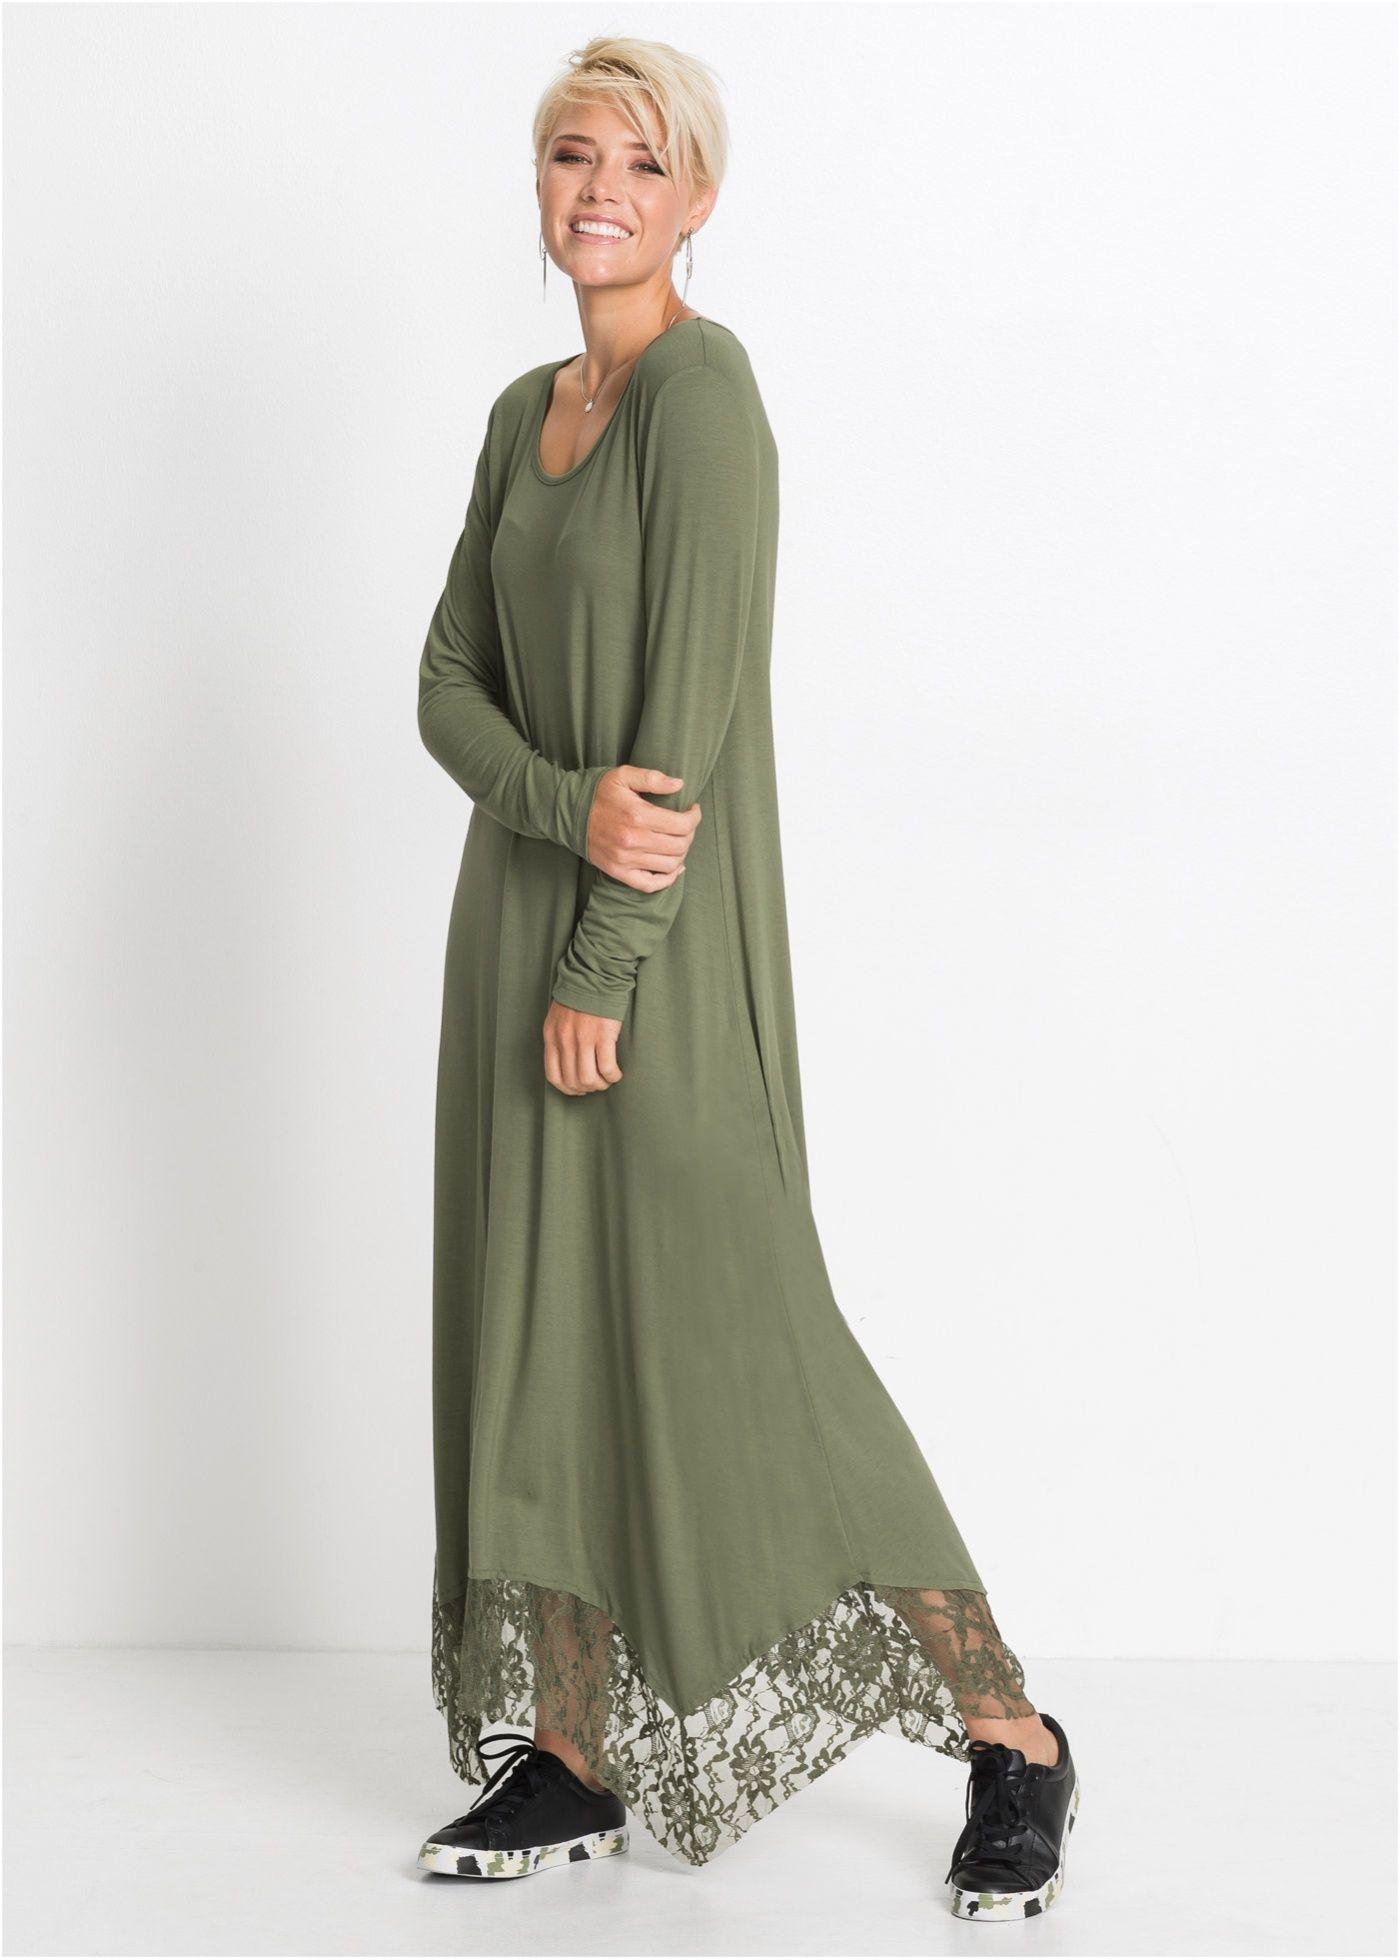 Kleid mit Tasche | Kleid mit taschen, Damenmode kleider ...